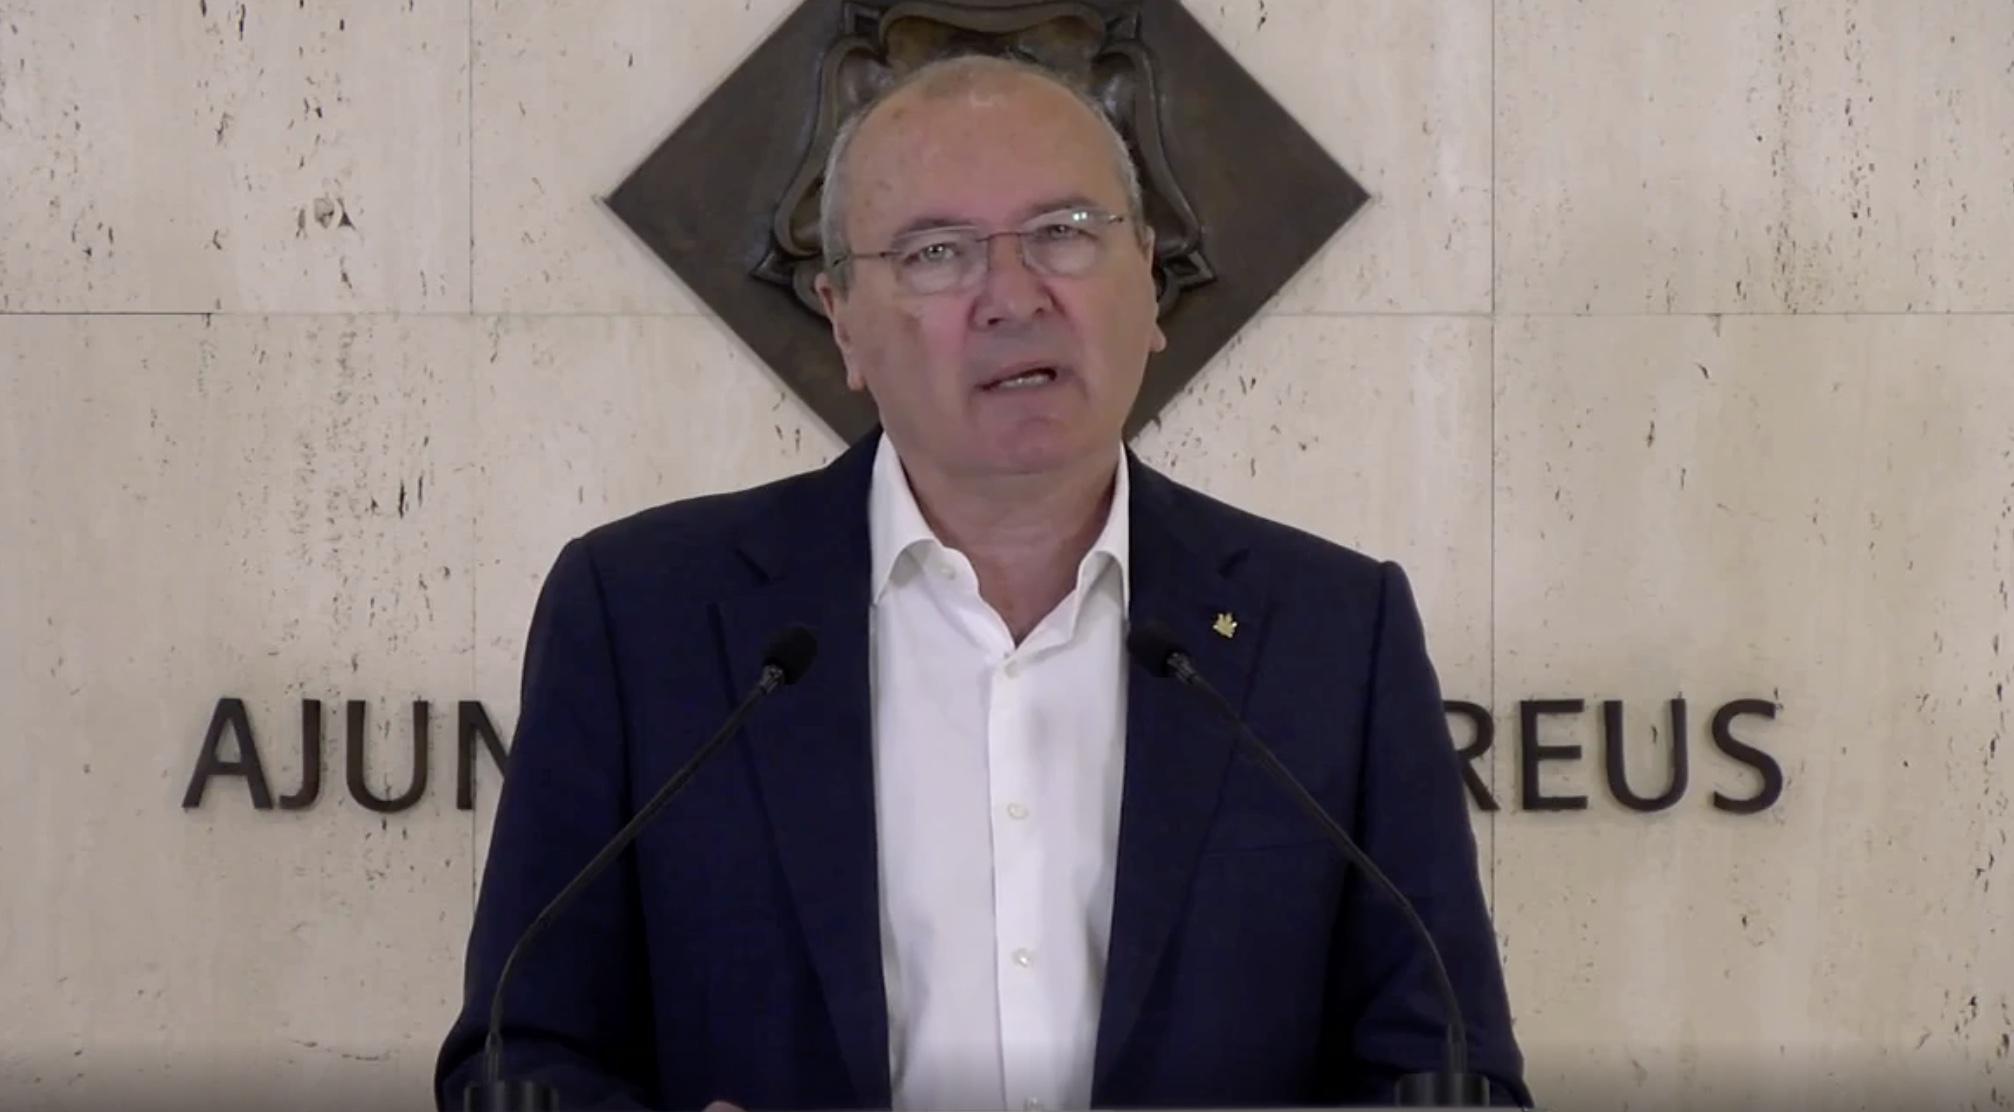 L'Ajuntament de Reus tanca l'exercici 2019 amb un superàvit de 3,1 milions d'euros, i una situació econòmica sanejada que li permet fer ...